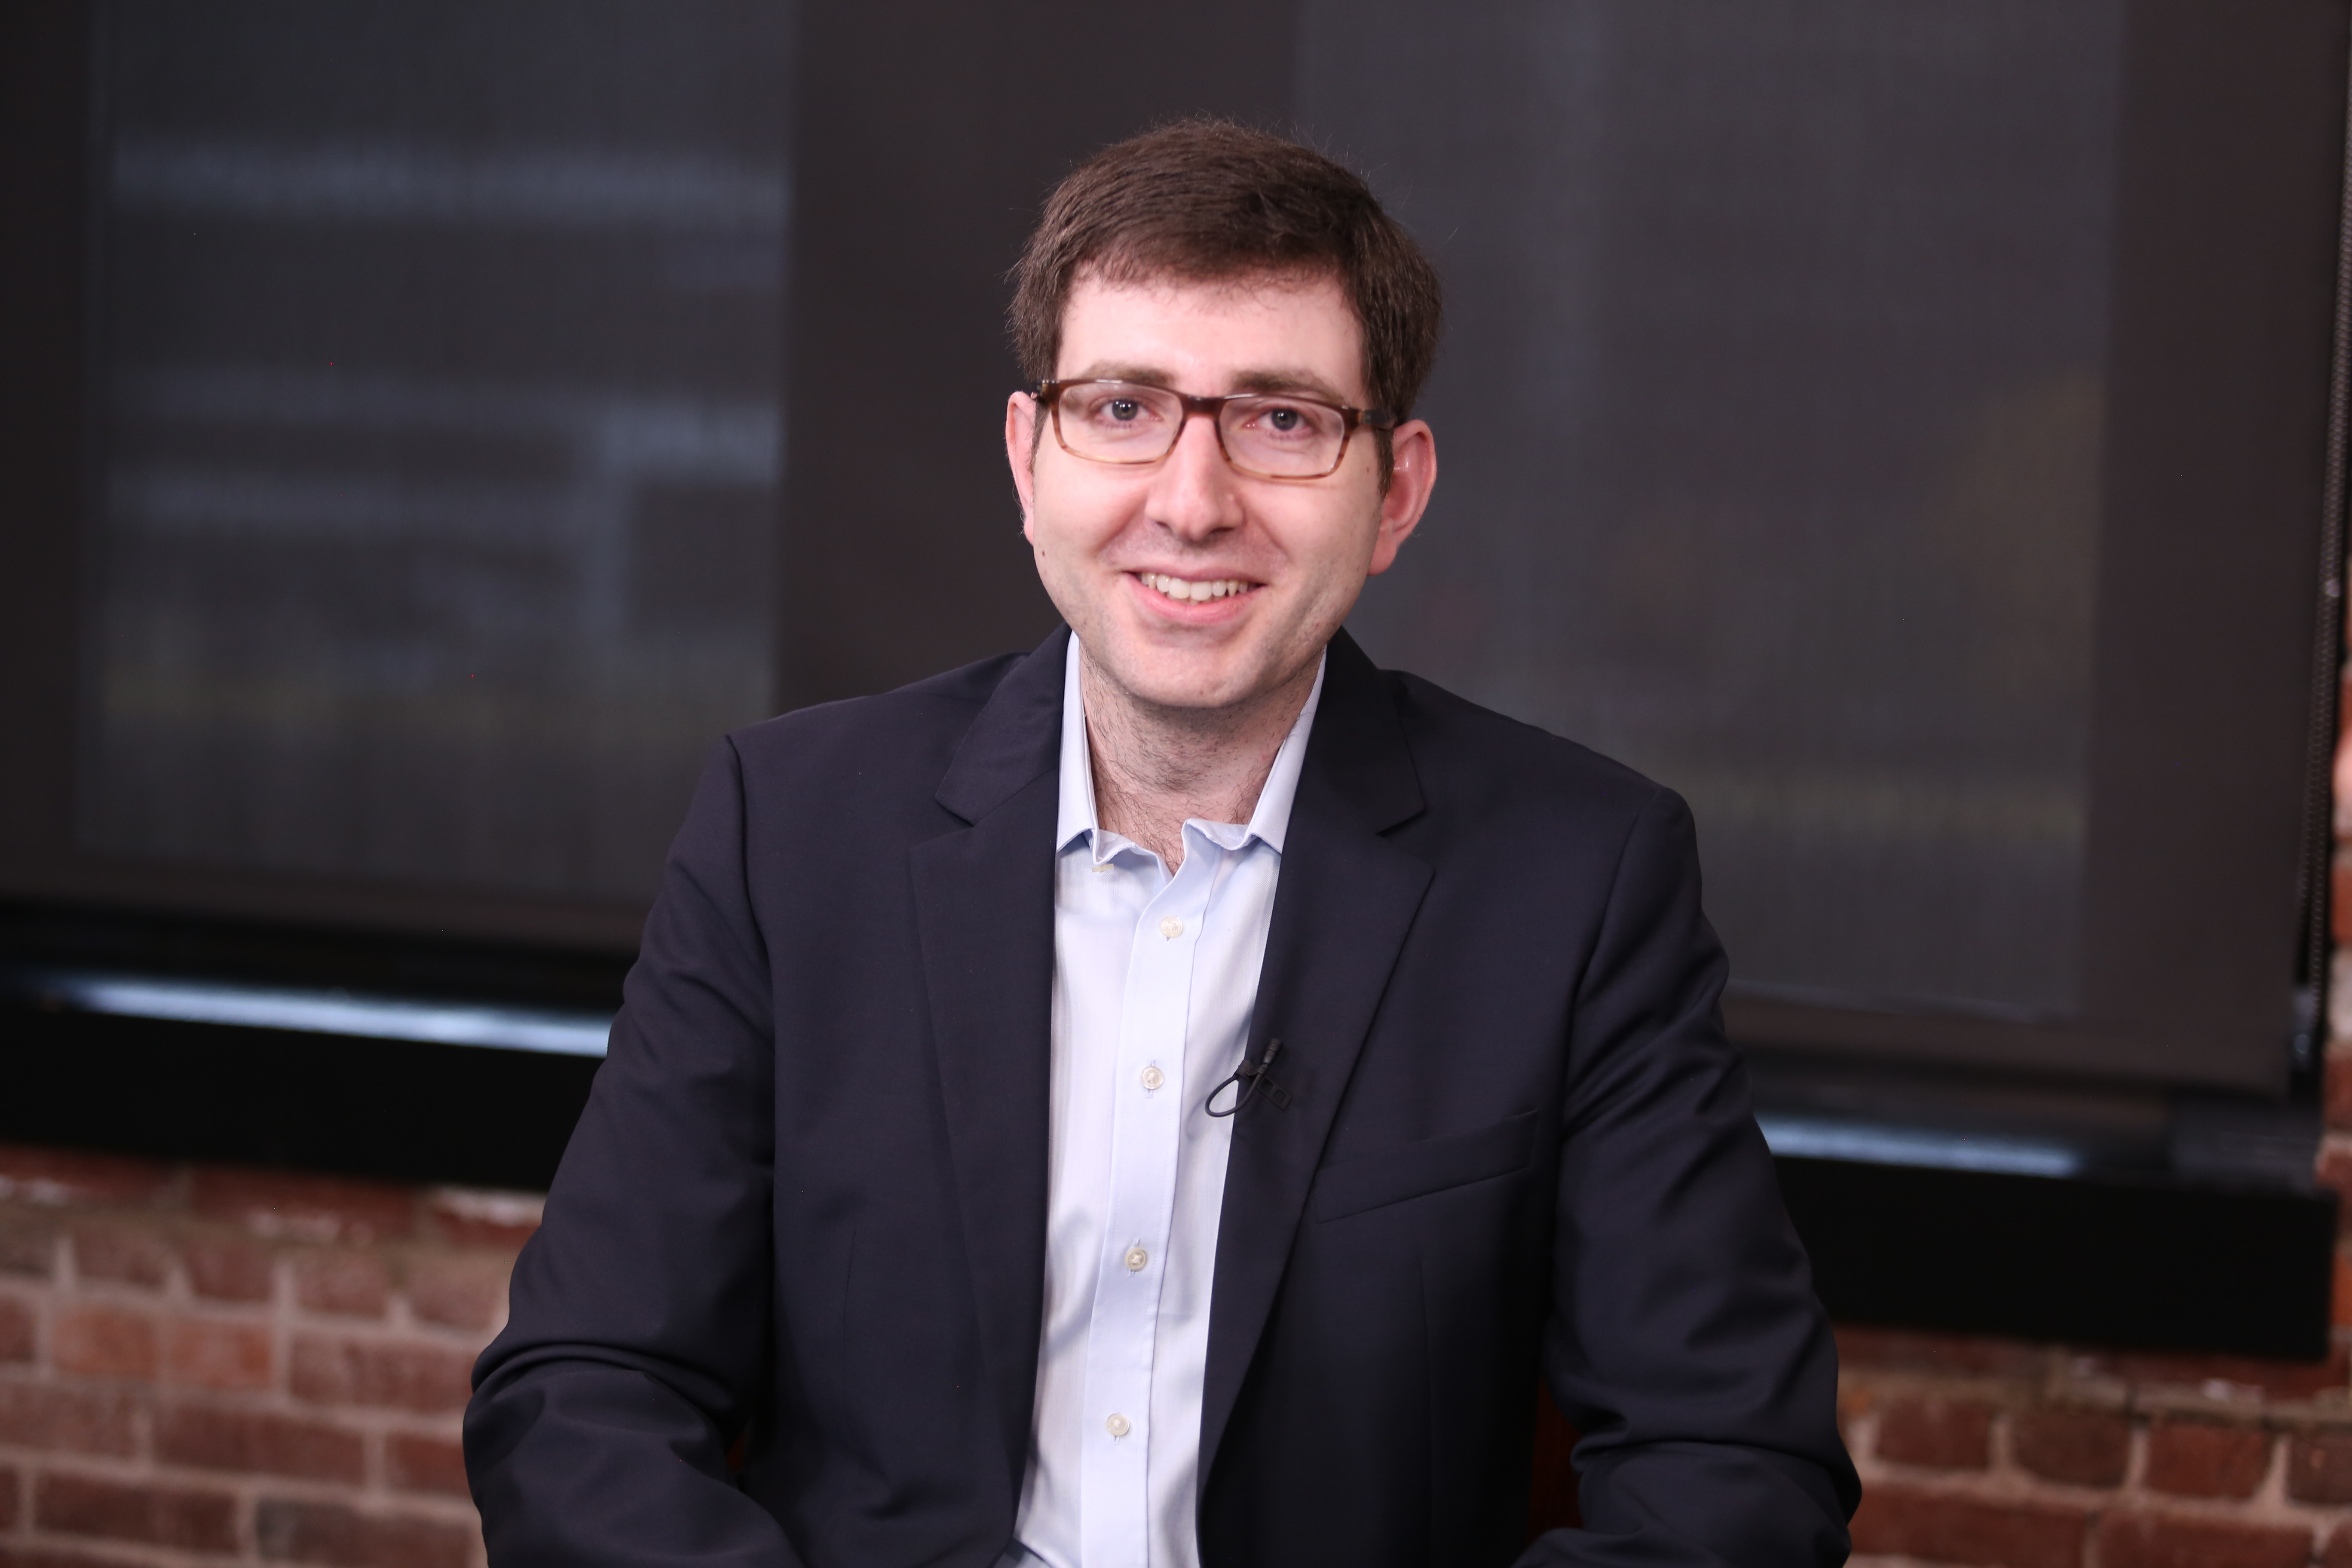 Edward Naim, AWS FSx